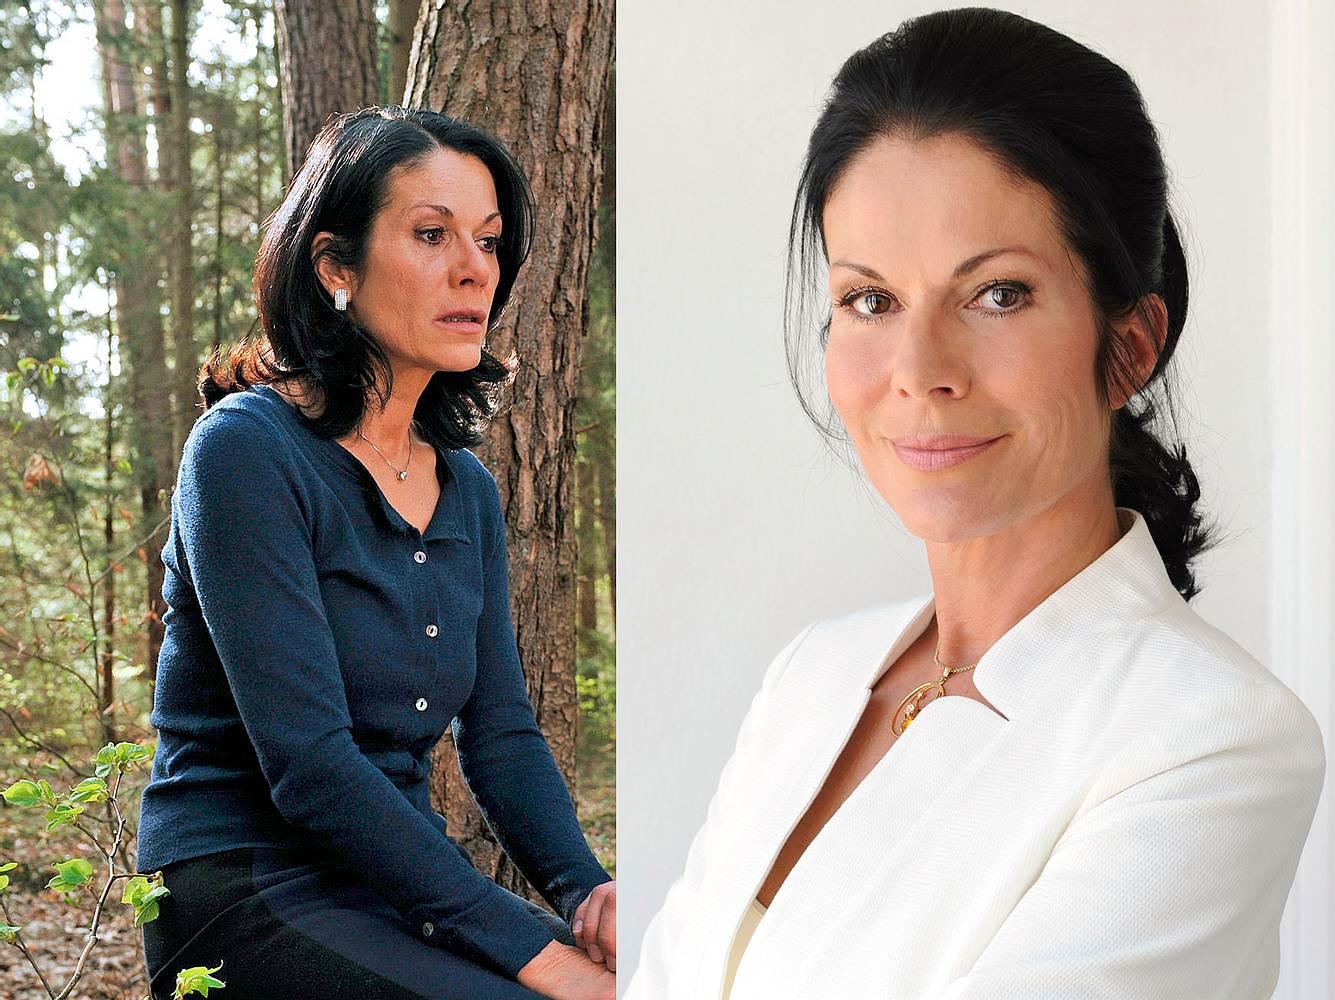 Von 2011 bis 2013 war Simone Ritscher als Doris van Norden bei 'Sturm der Liebe' zu sehen.